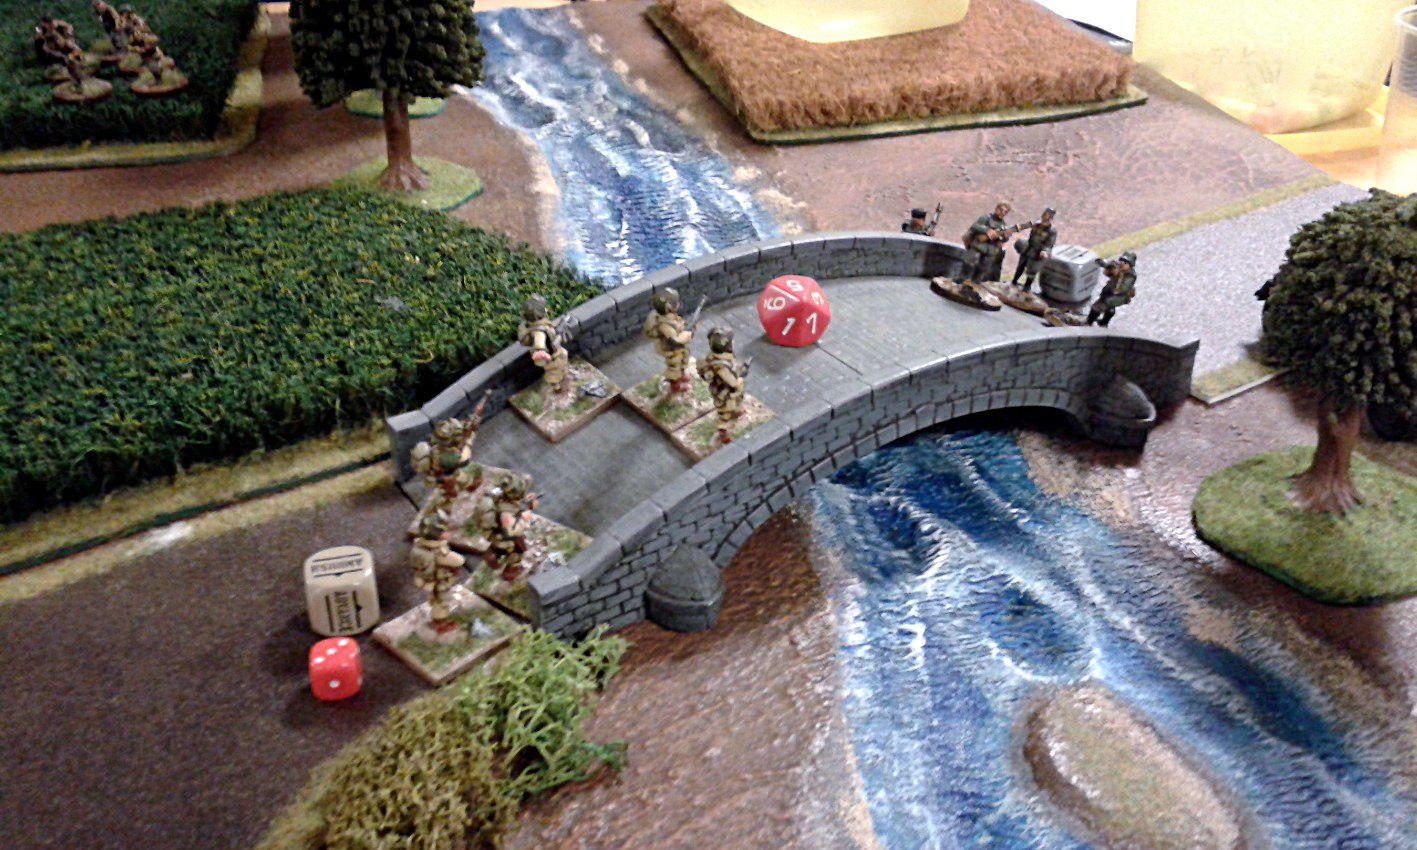 Les paras américains défendent le carrefour et tentent de prendre le pont qui était l'un des objectifs de la soirée.